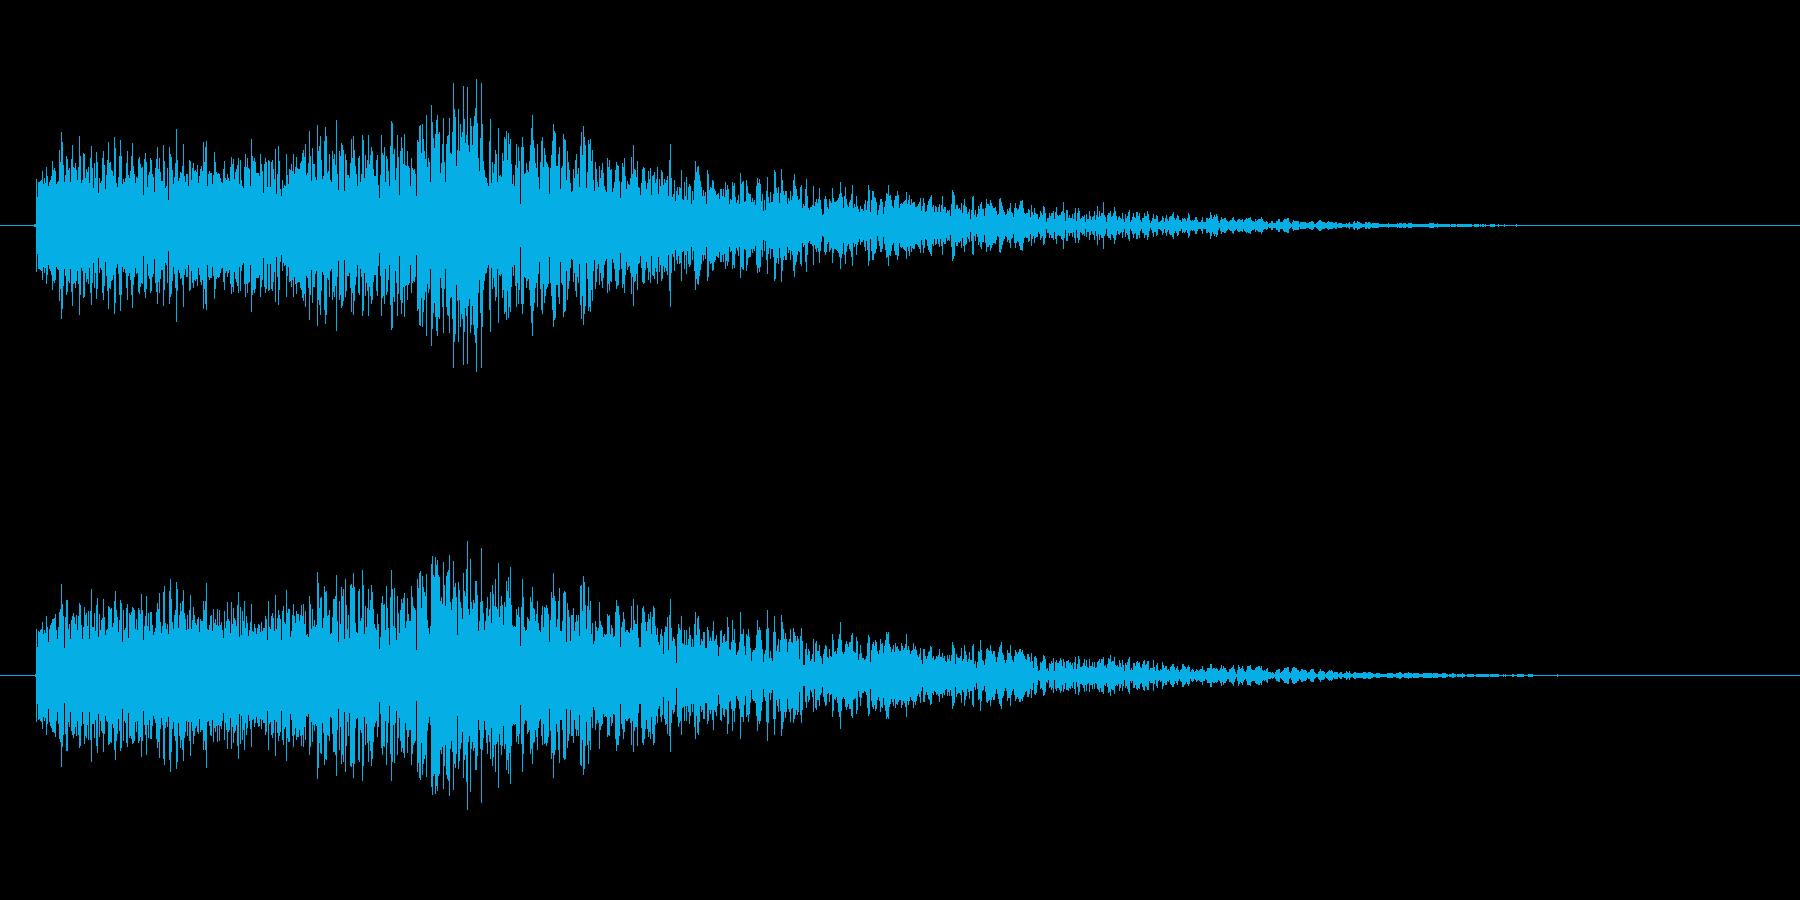 ブィーーーン(ギターアームダウンボム音)の再生済みの波形